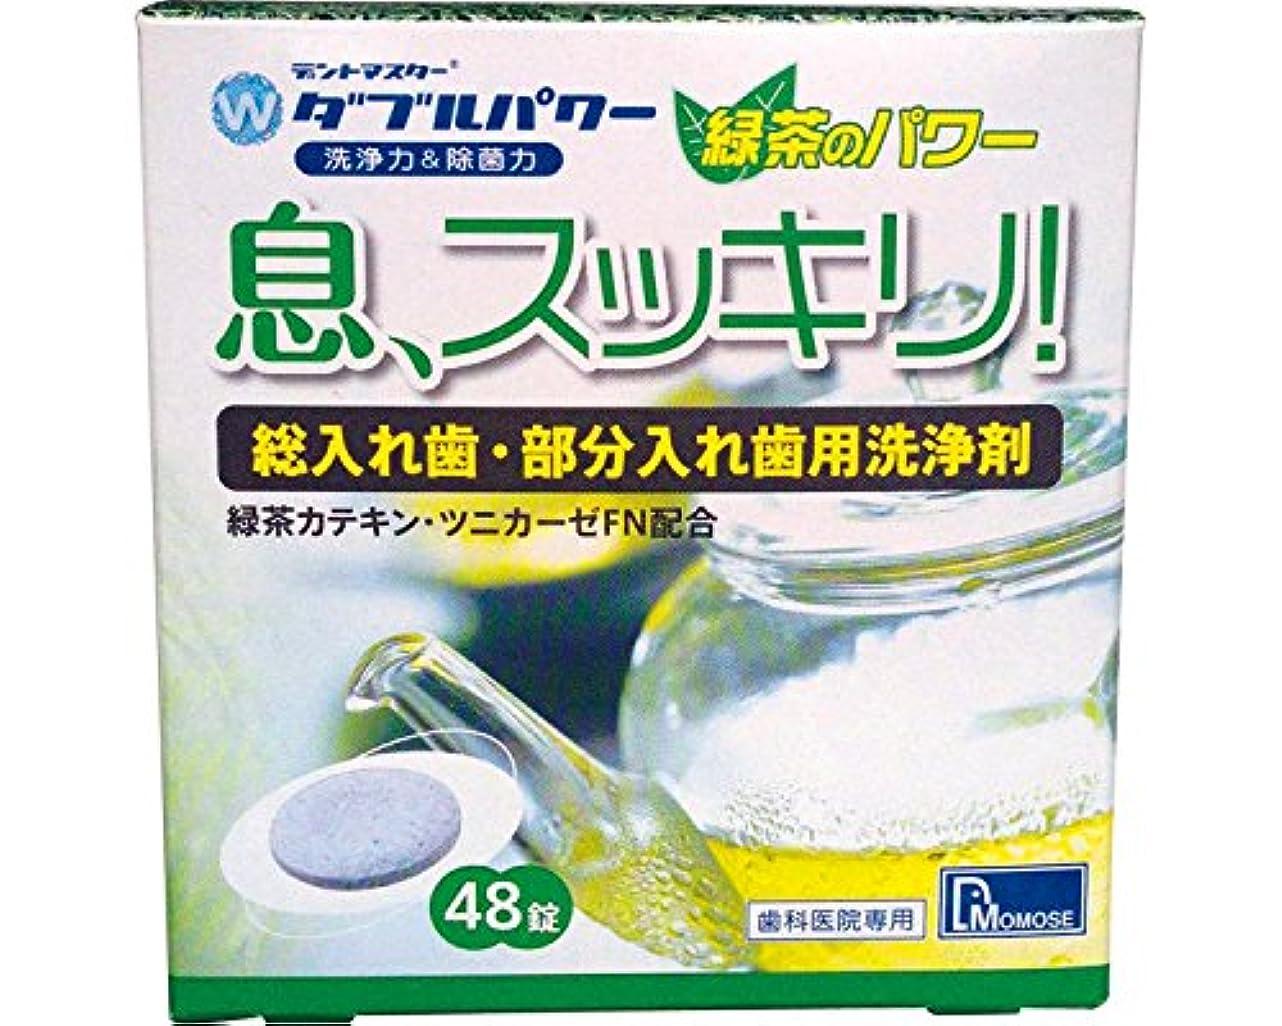 豆悲惨な植物学入れ歯洗浄剤 緑茶パワー 息、すっきり48錠入 【モモセ歯科商会】 【口腔器材】